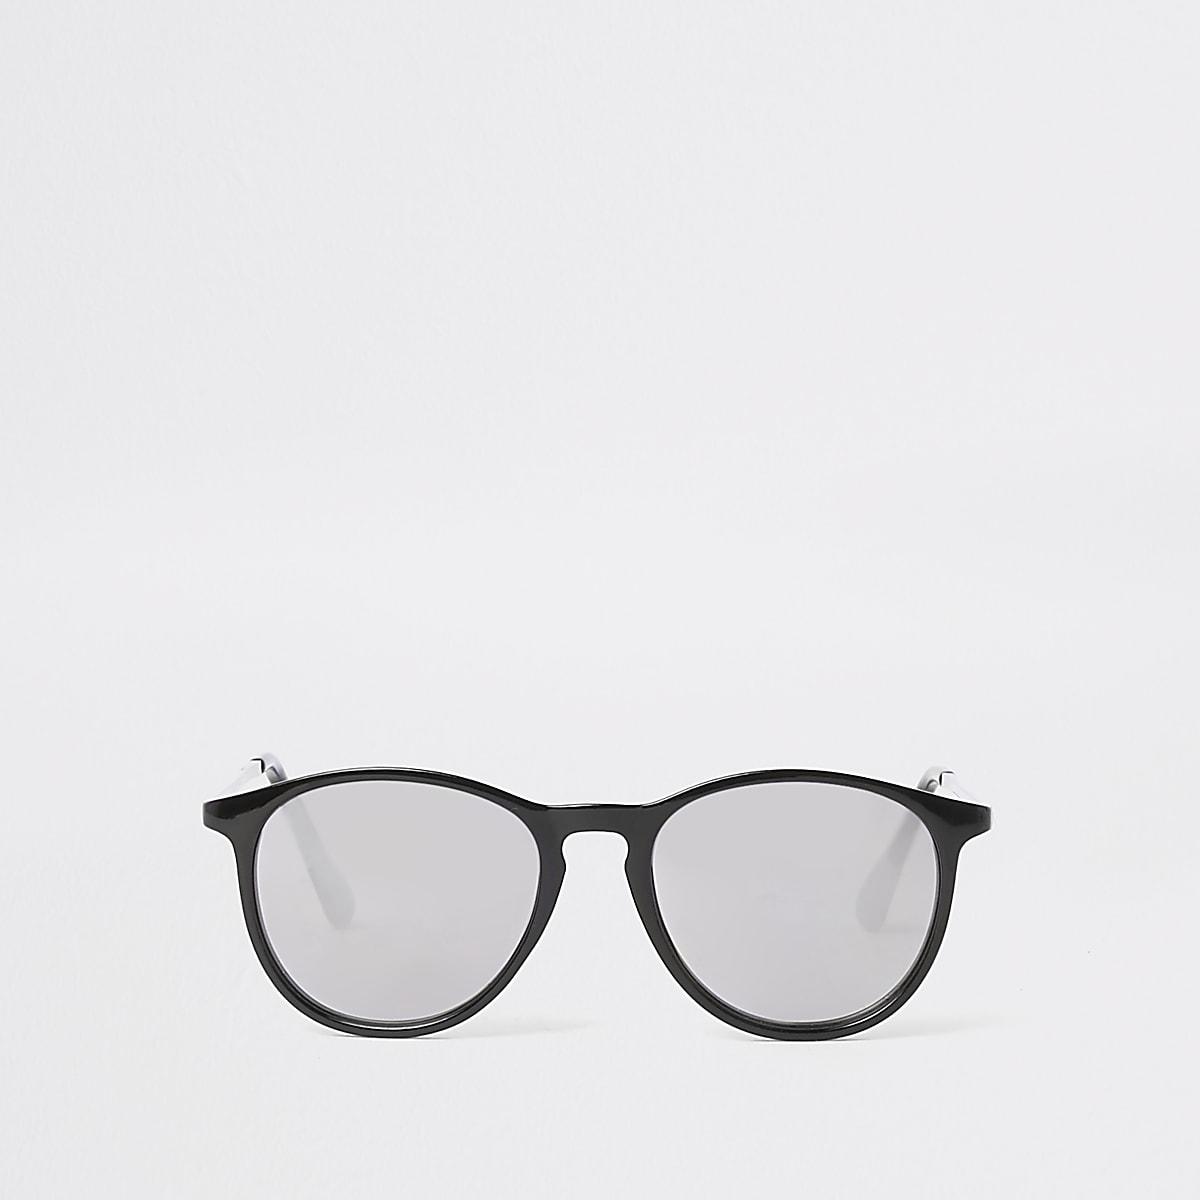 cbb572024b80 Boys black retro smoke lens retro sunglasses - Sunglasses - Accessories -  boys